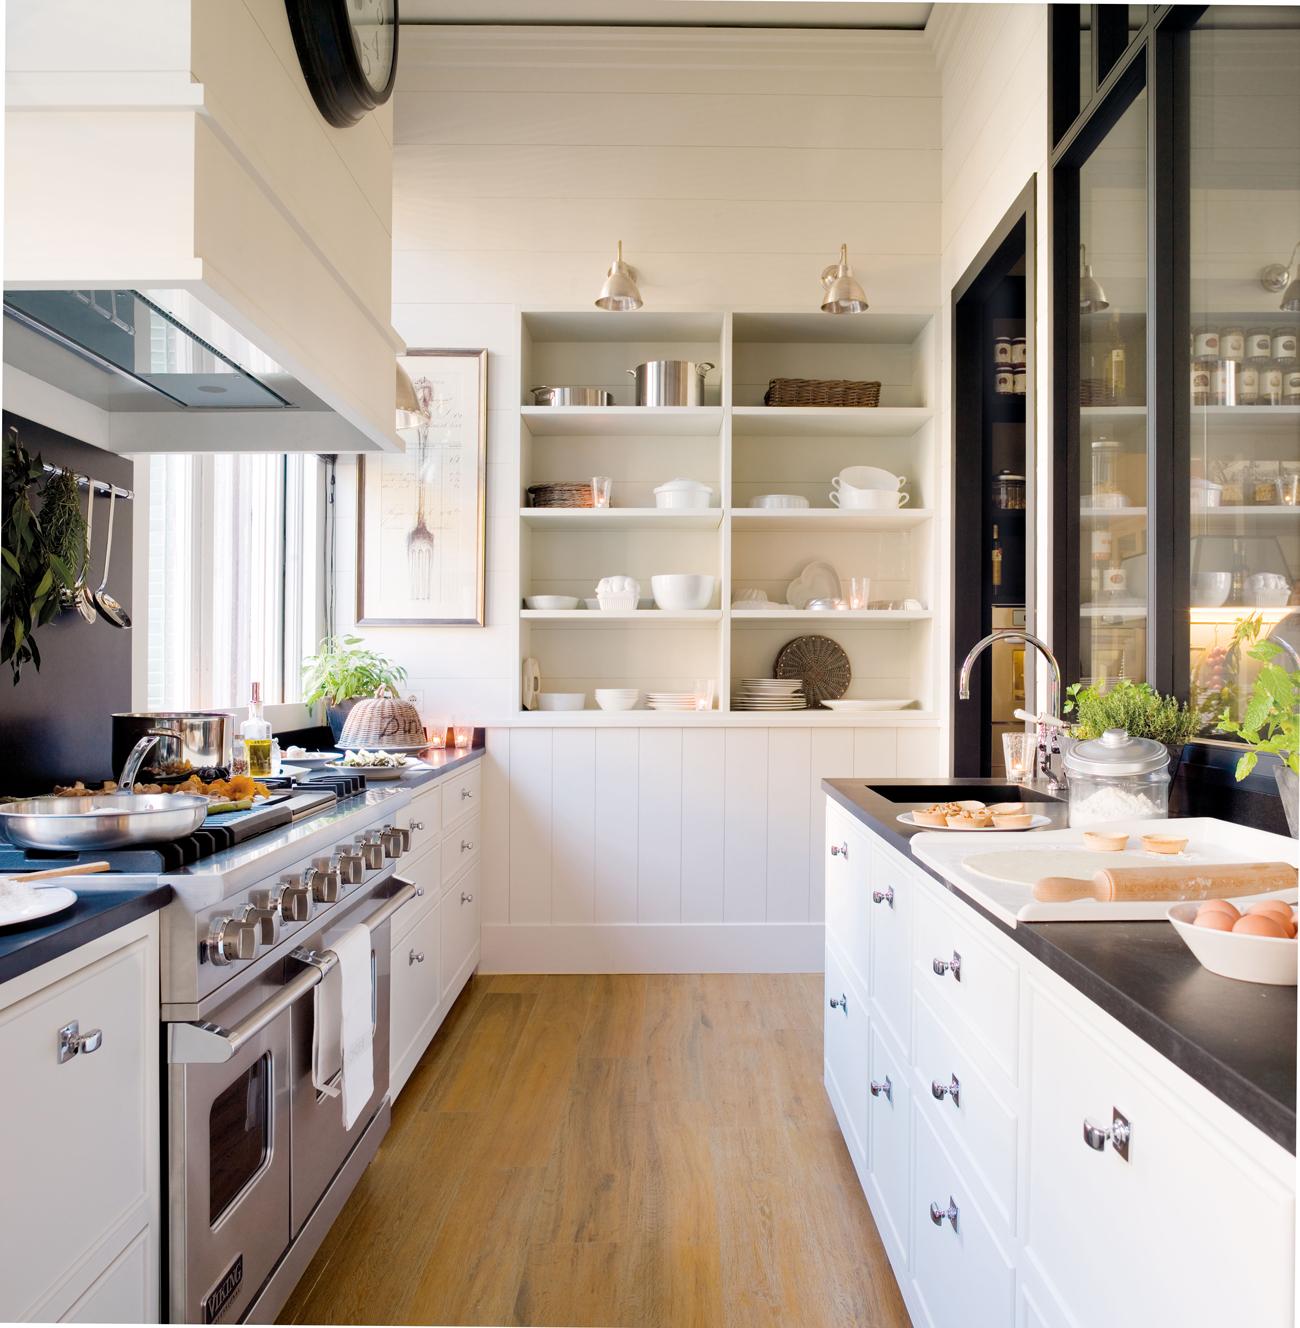 cocina blanca con encimera negra y cristalera negra